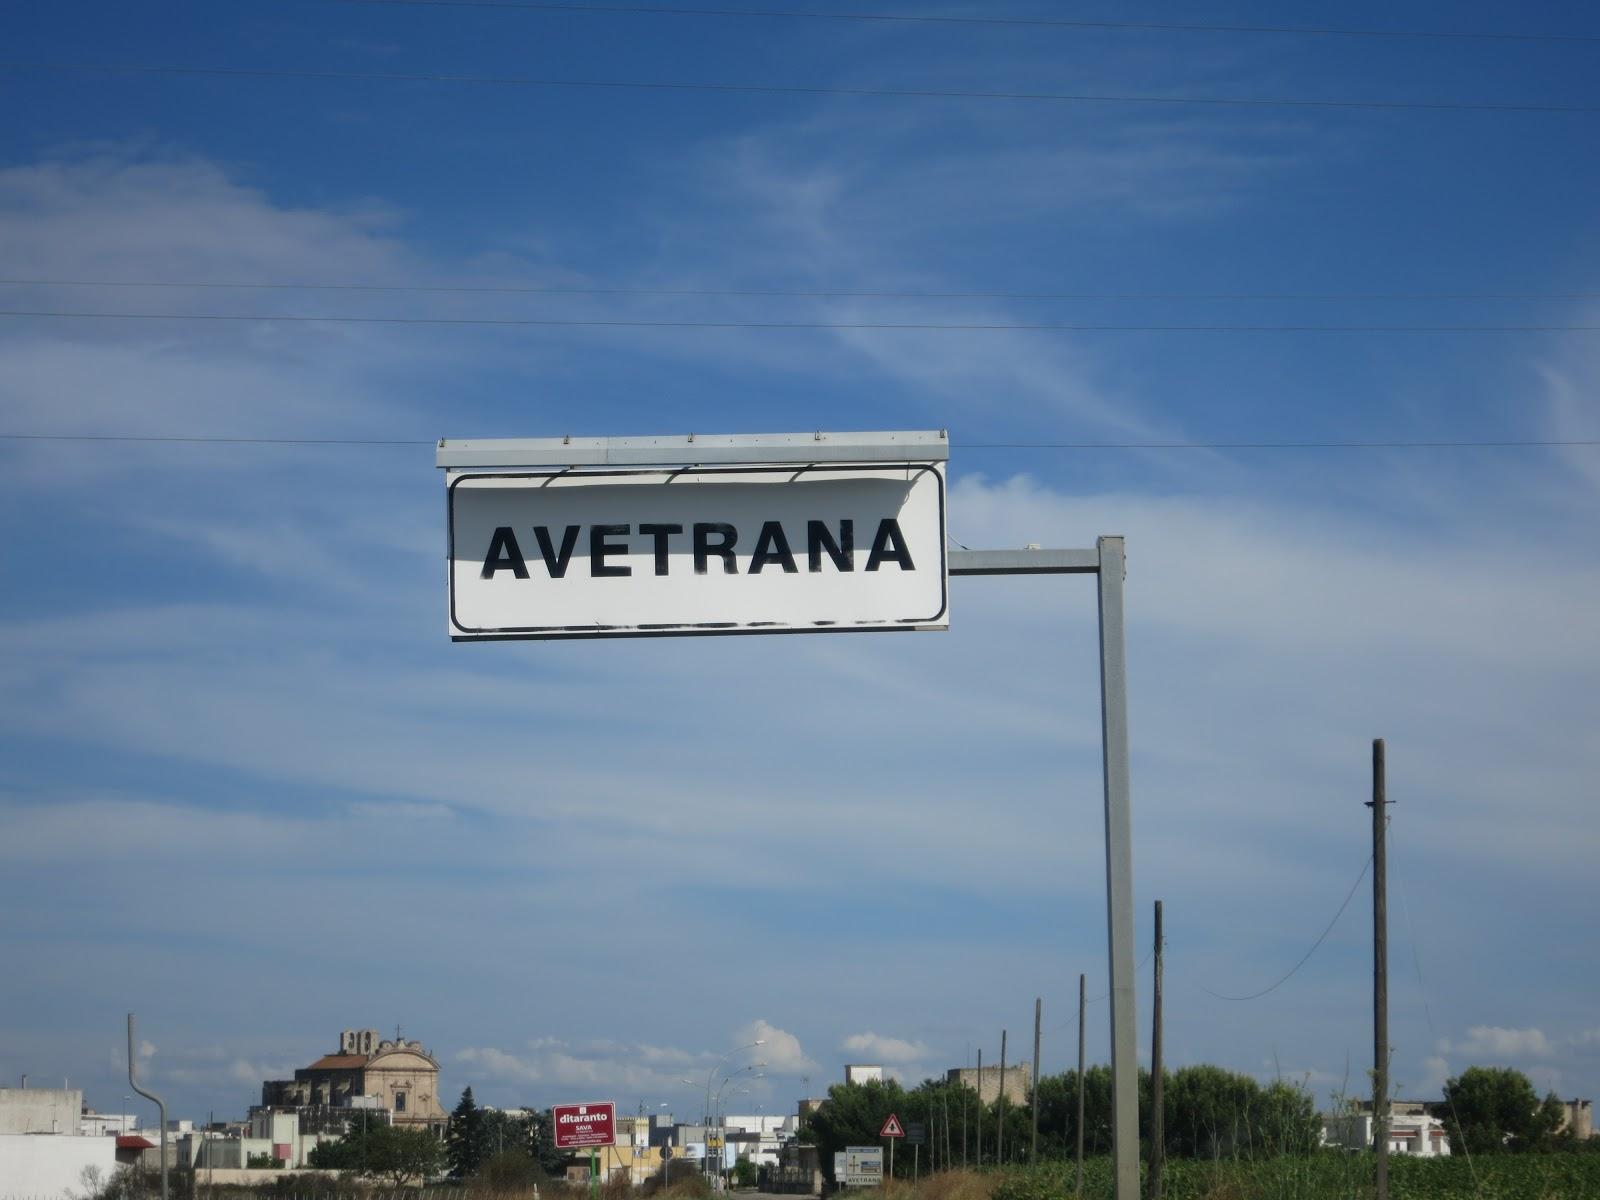 Avetrana